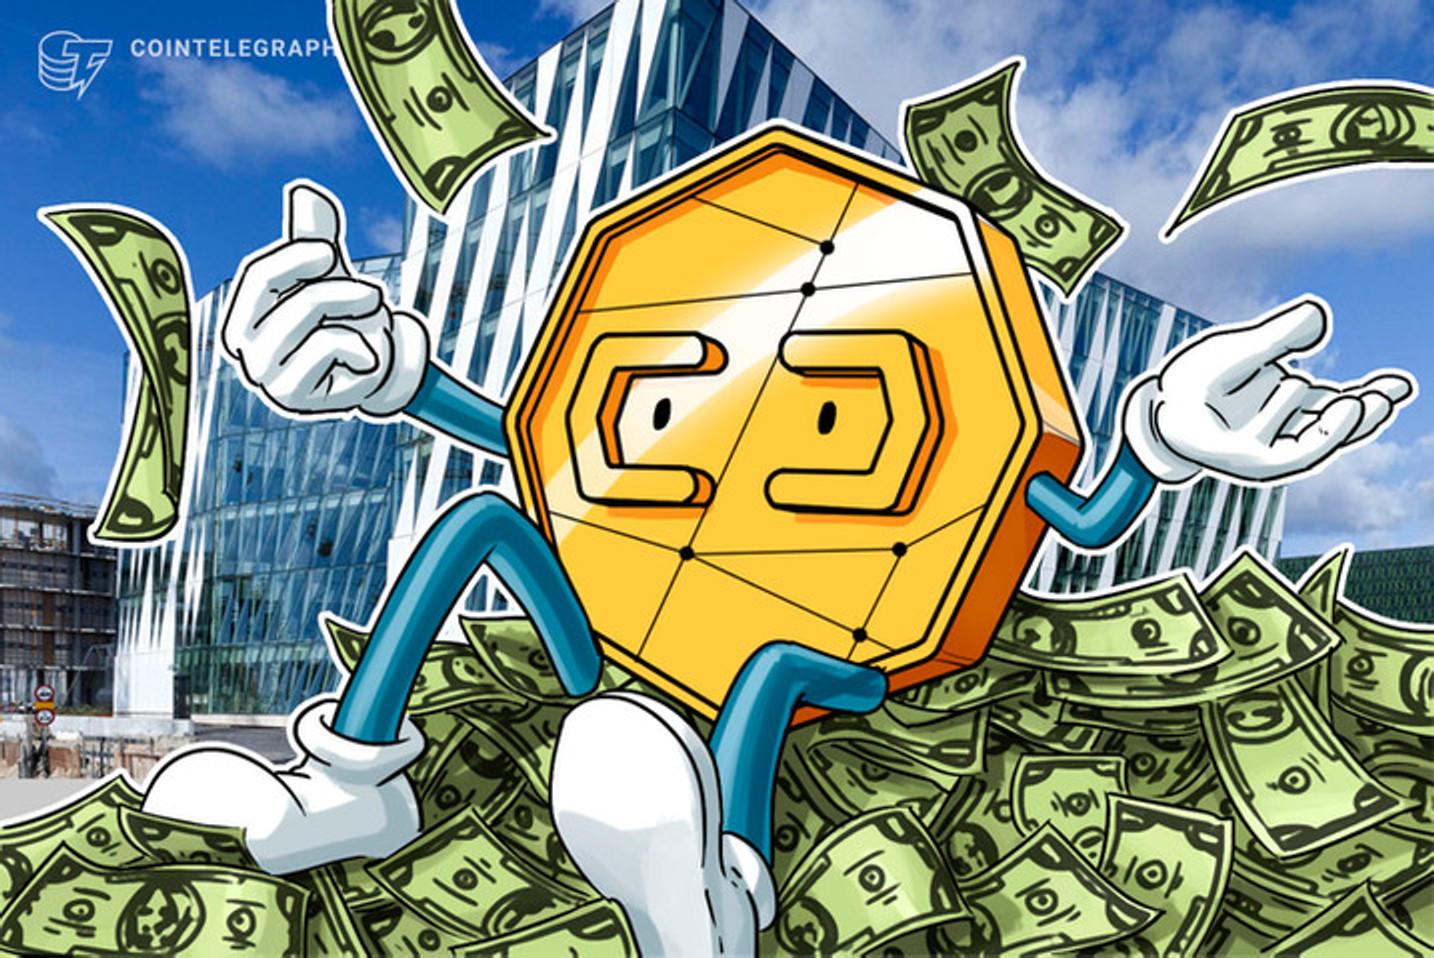 Nueva criptomoneda aparece en Binance y sube un 1,490% en un mes. Su precio se acerca al valor de Bitcoin